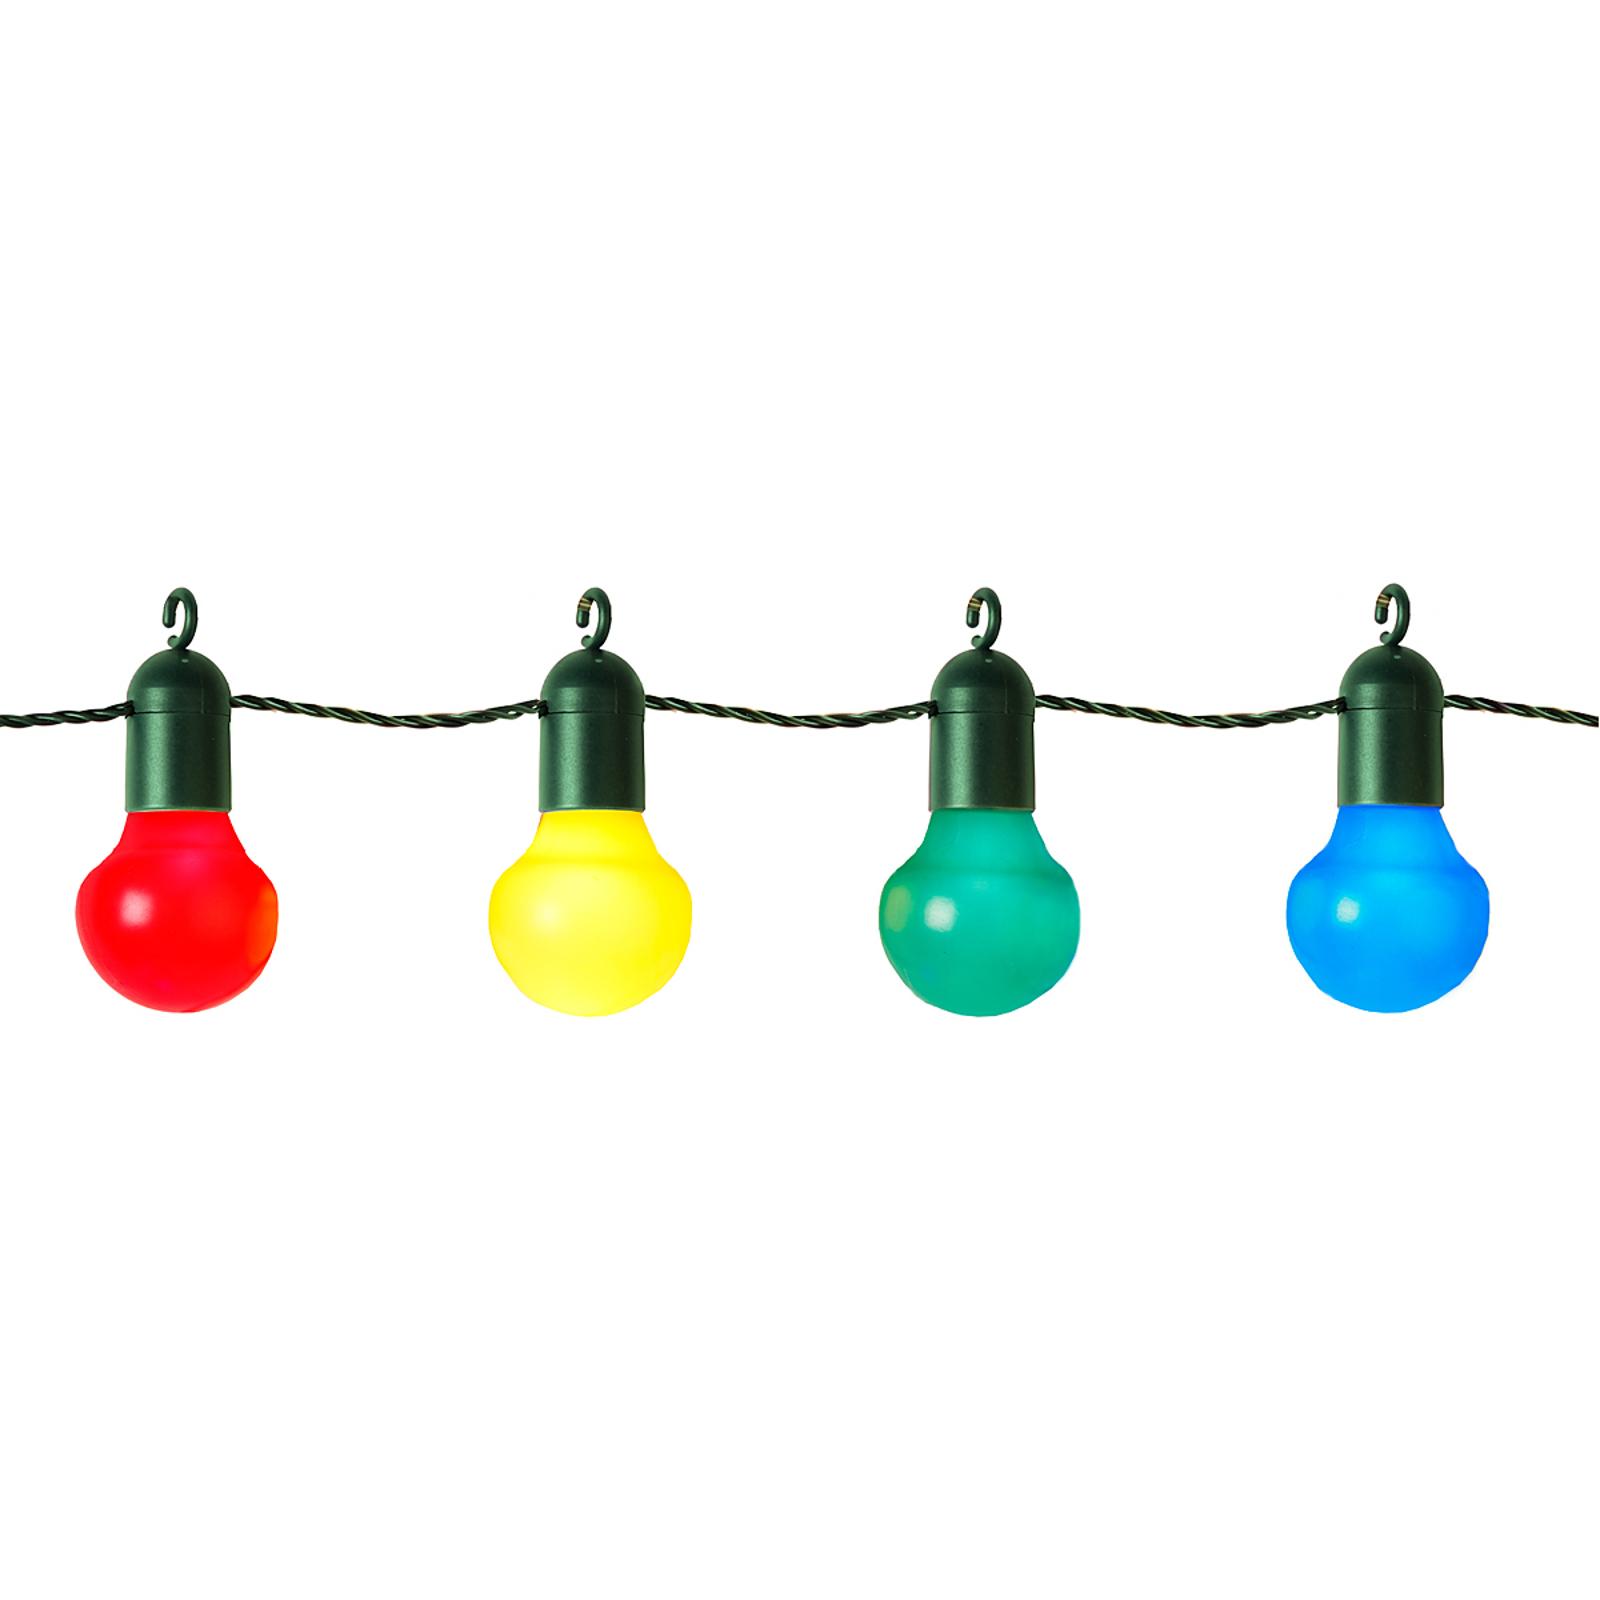 LED svetelná reťaz Elin, farebná, 20 zdrojov_1522415_1